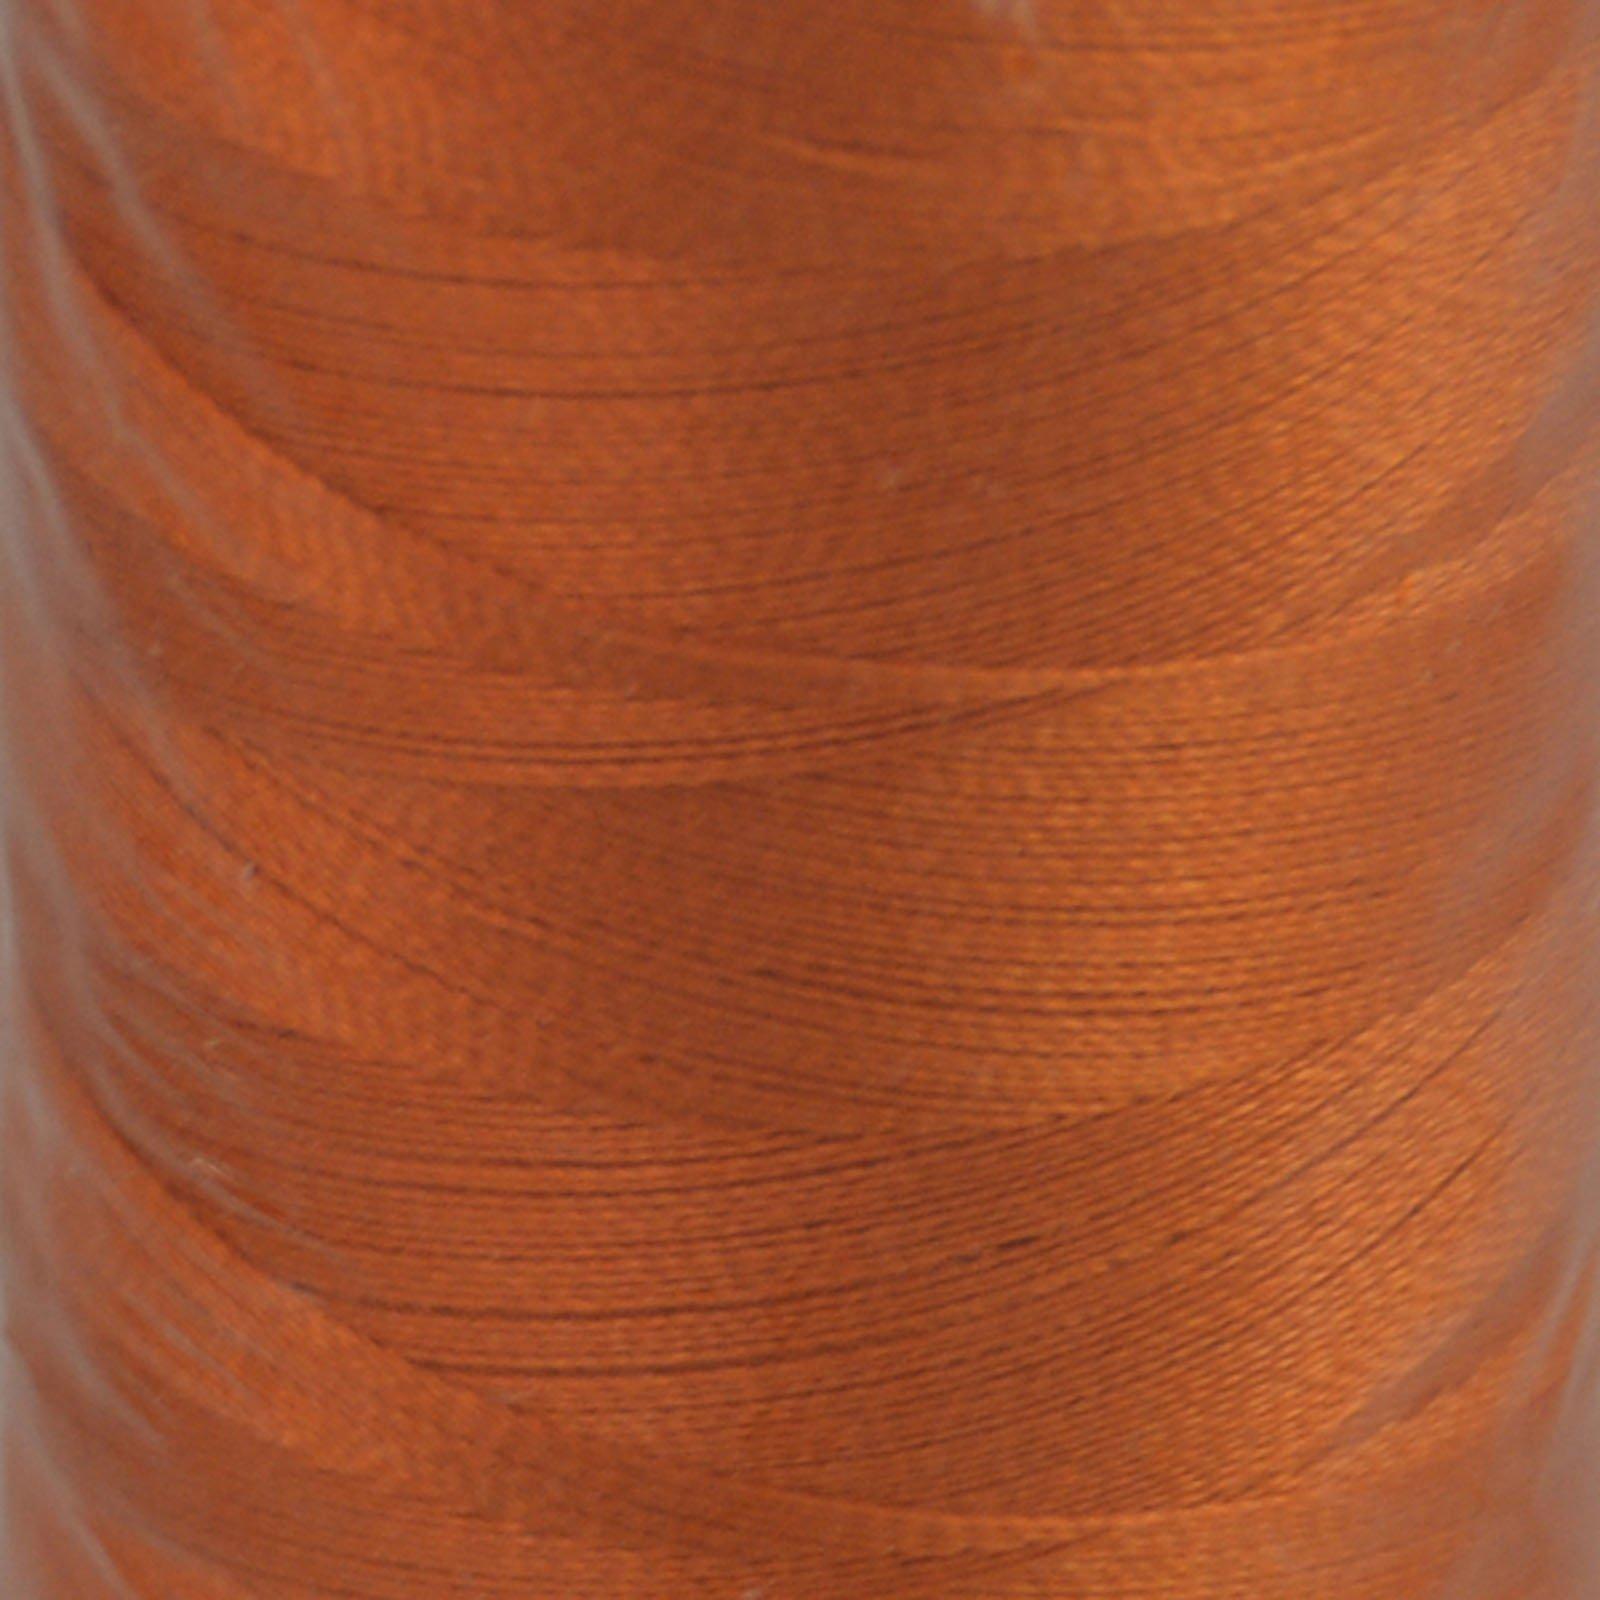 # 2235 Orange